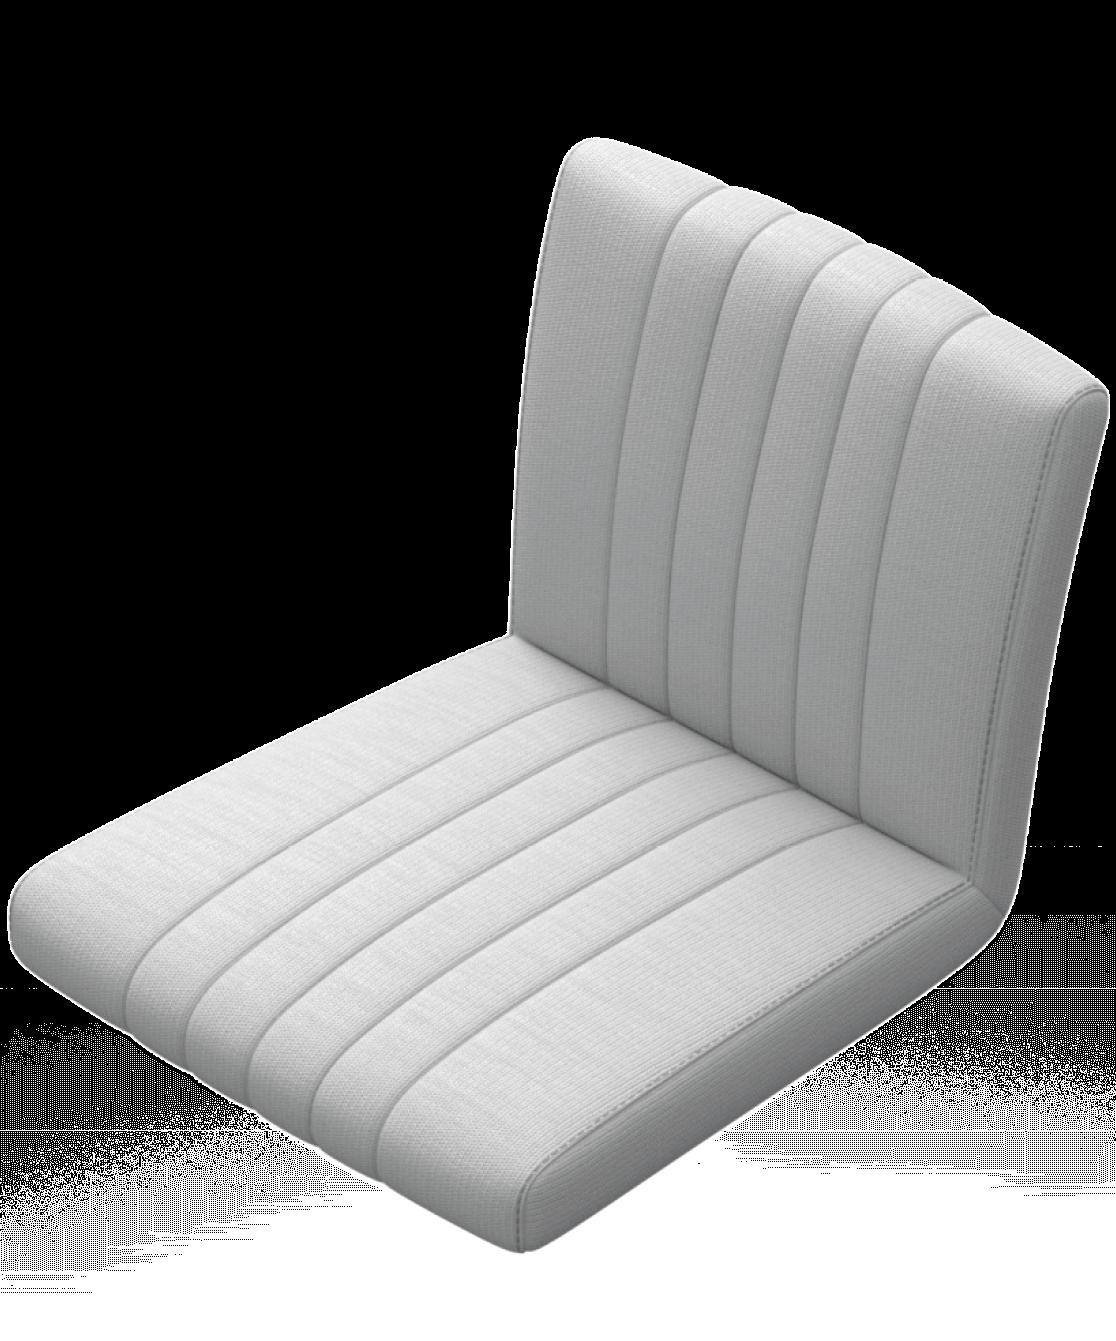 Sitzschale Luiga